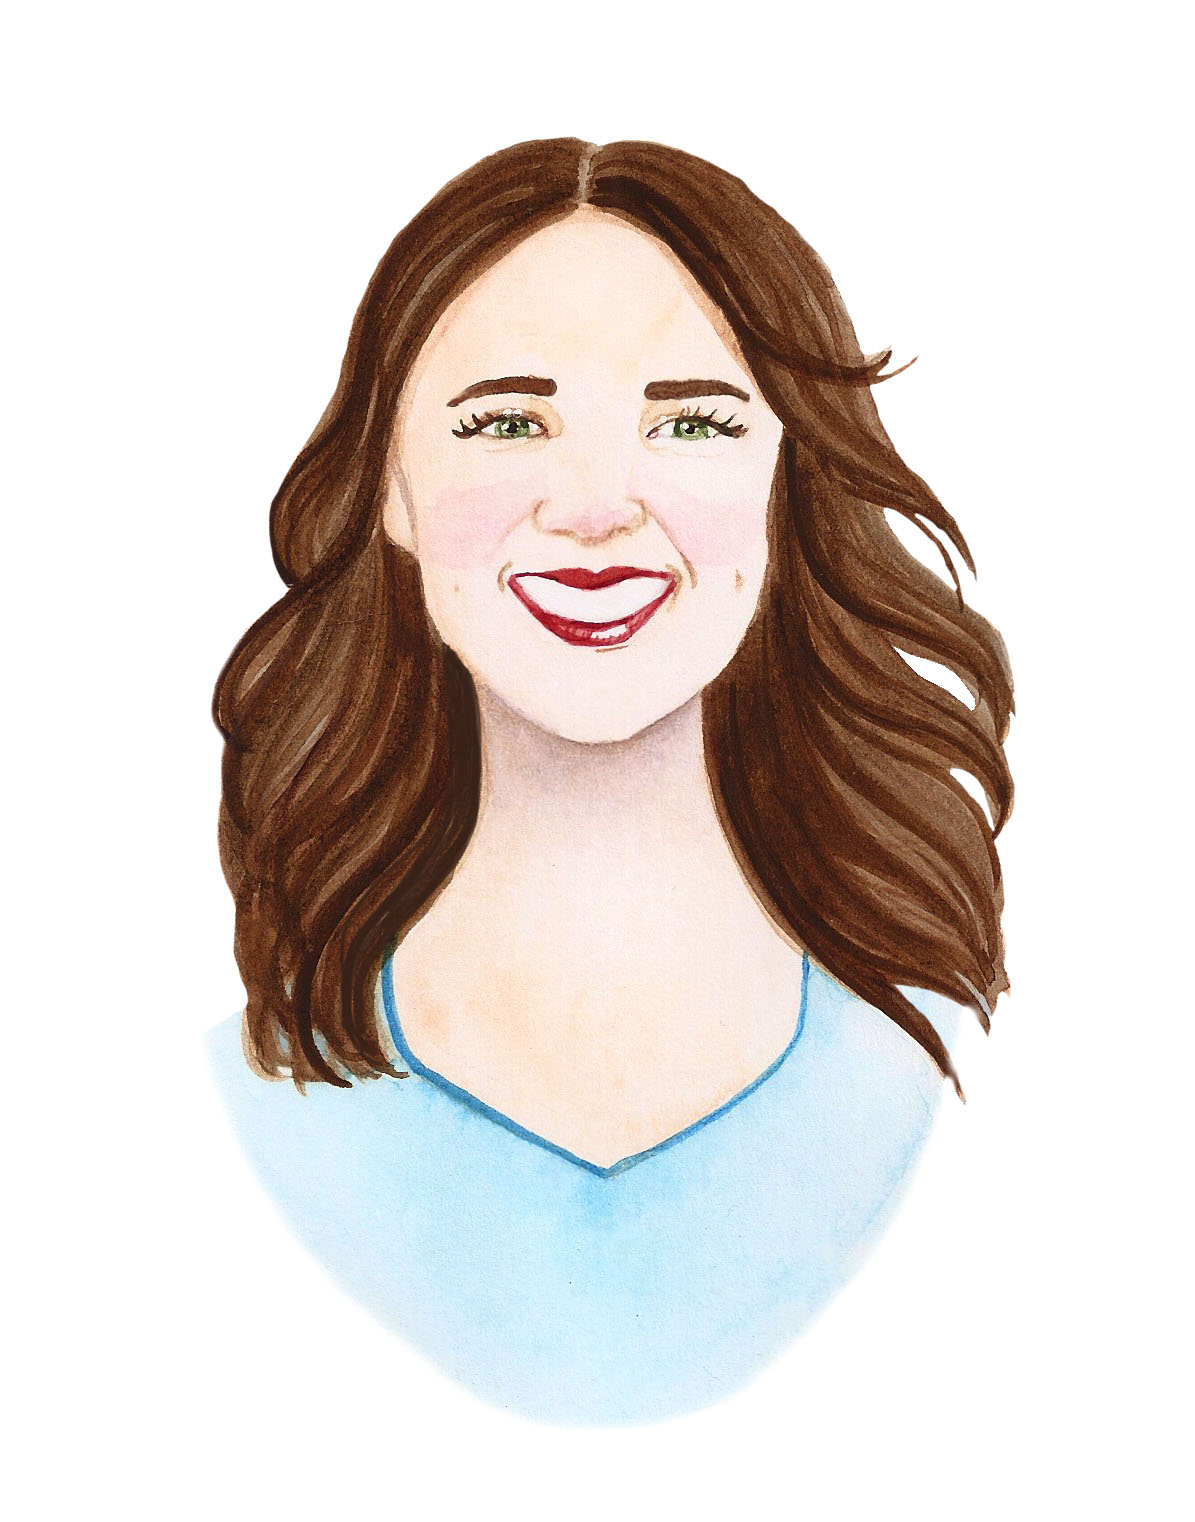 Lindsey Illustration Edited Final.jpg